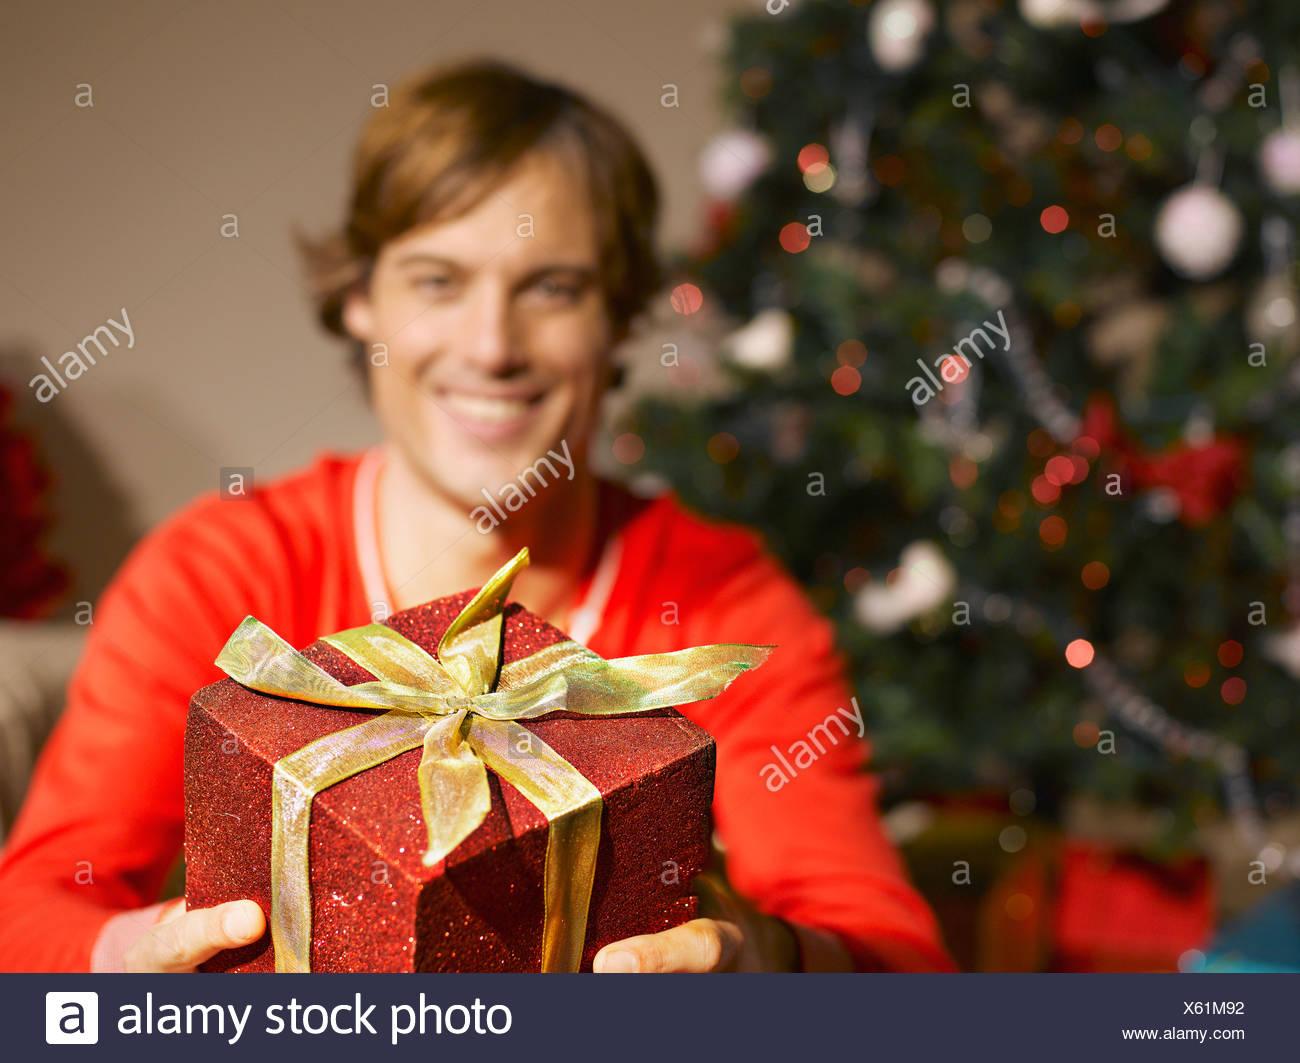 Mann mit Weihnachtsgeschenk Stockfoto, Bild: 279091710 - Alamy